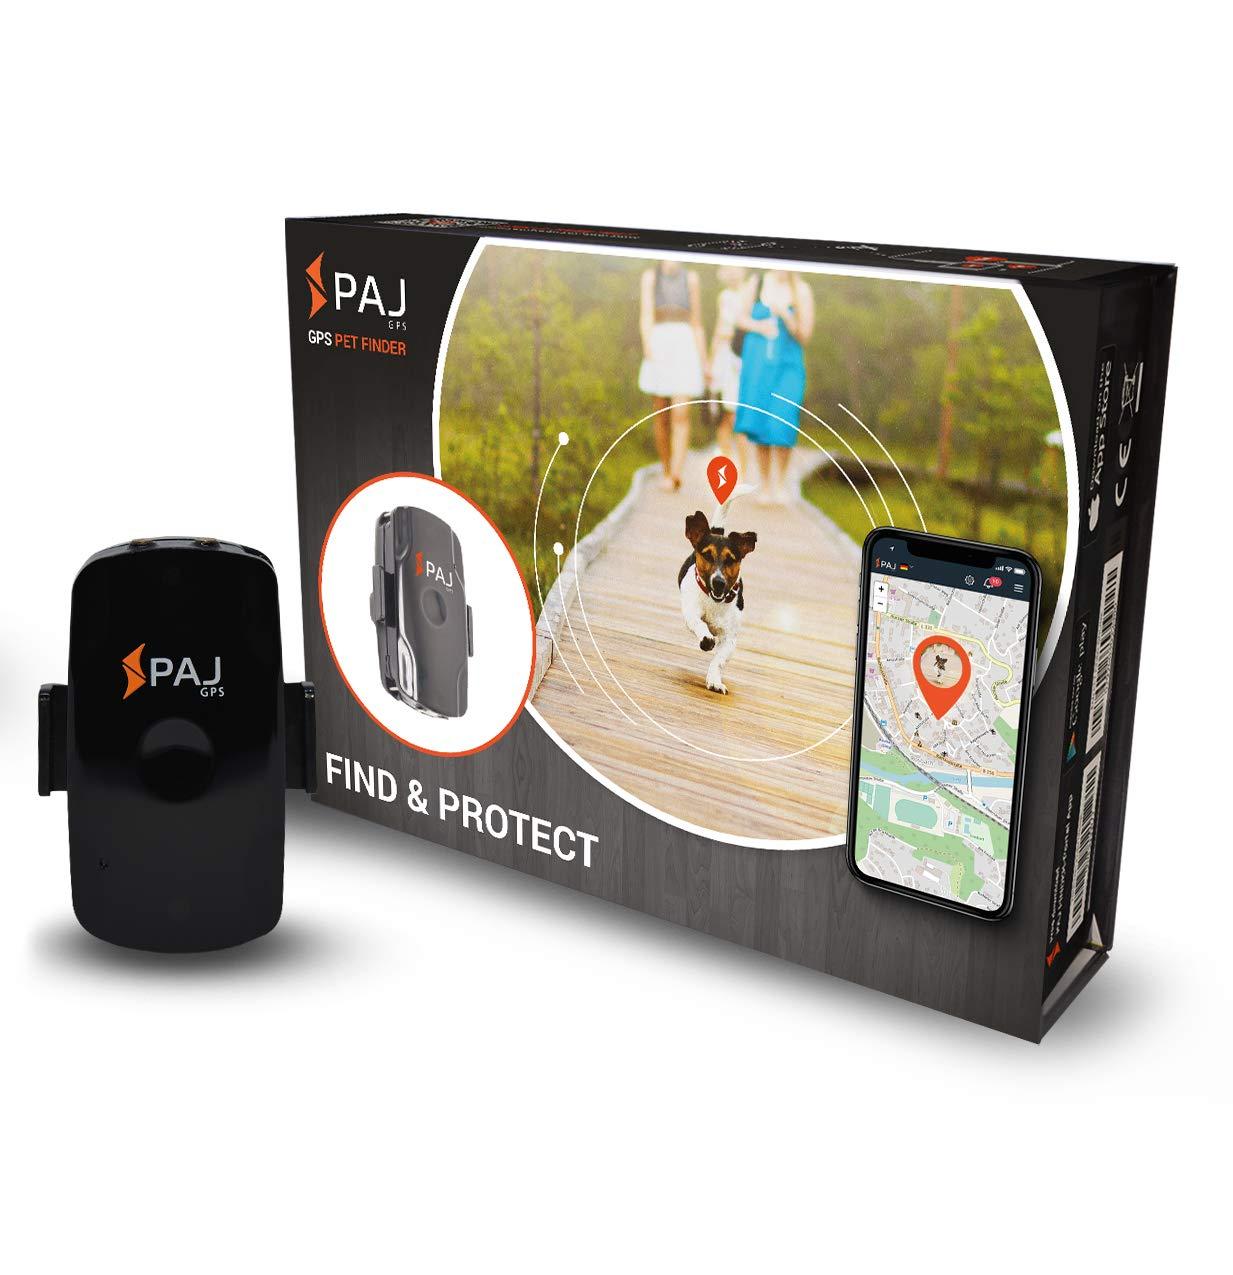 Mini Finder de PAJ- Marca Alemana- Localizador GPS para Niños, Personas Mayores, Perros, Gatos, Drones y Bolsos. Tracker - Variante Localización con App product image